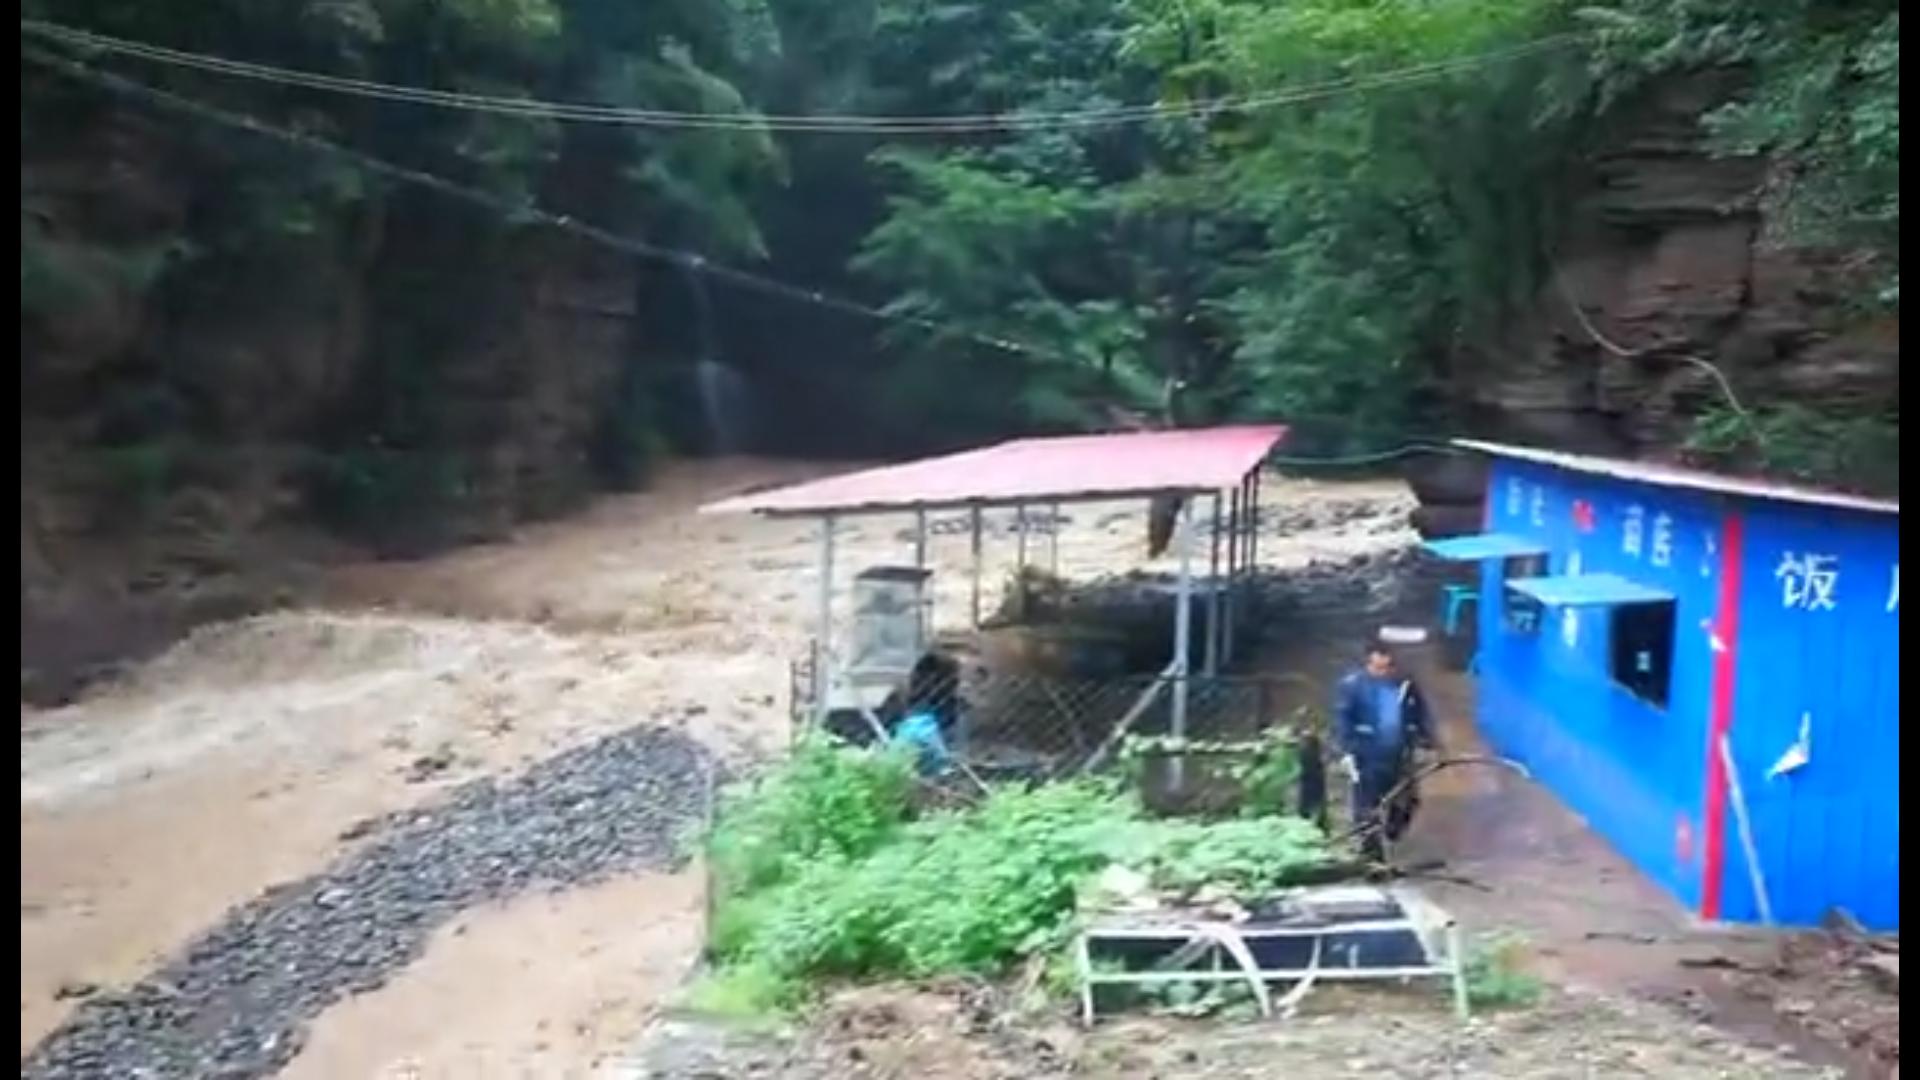 济源九里沟景区突发山洪,各方紧急救援丨视频